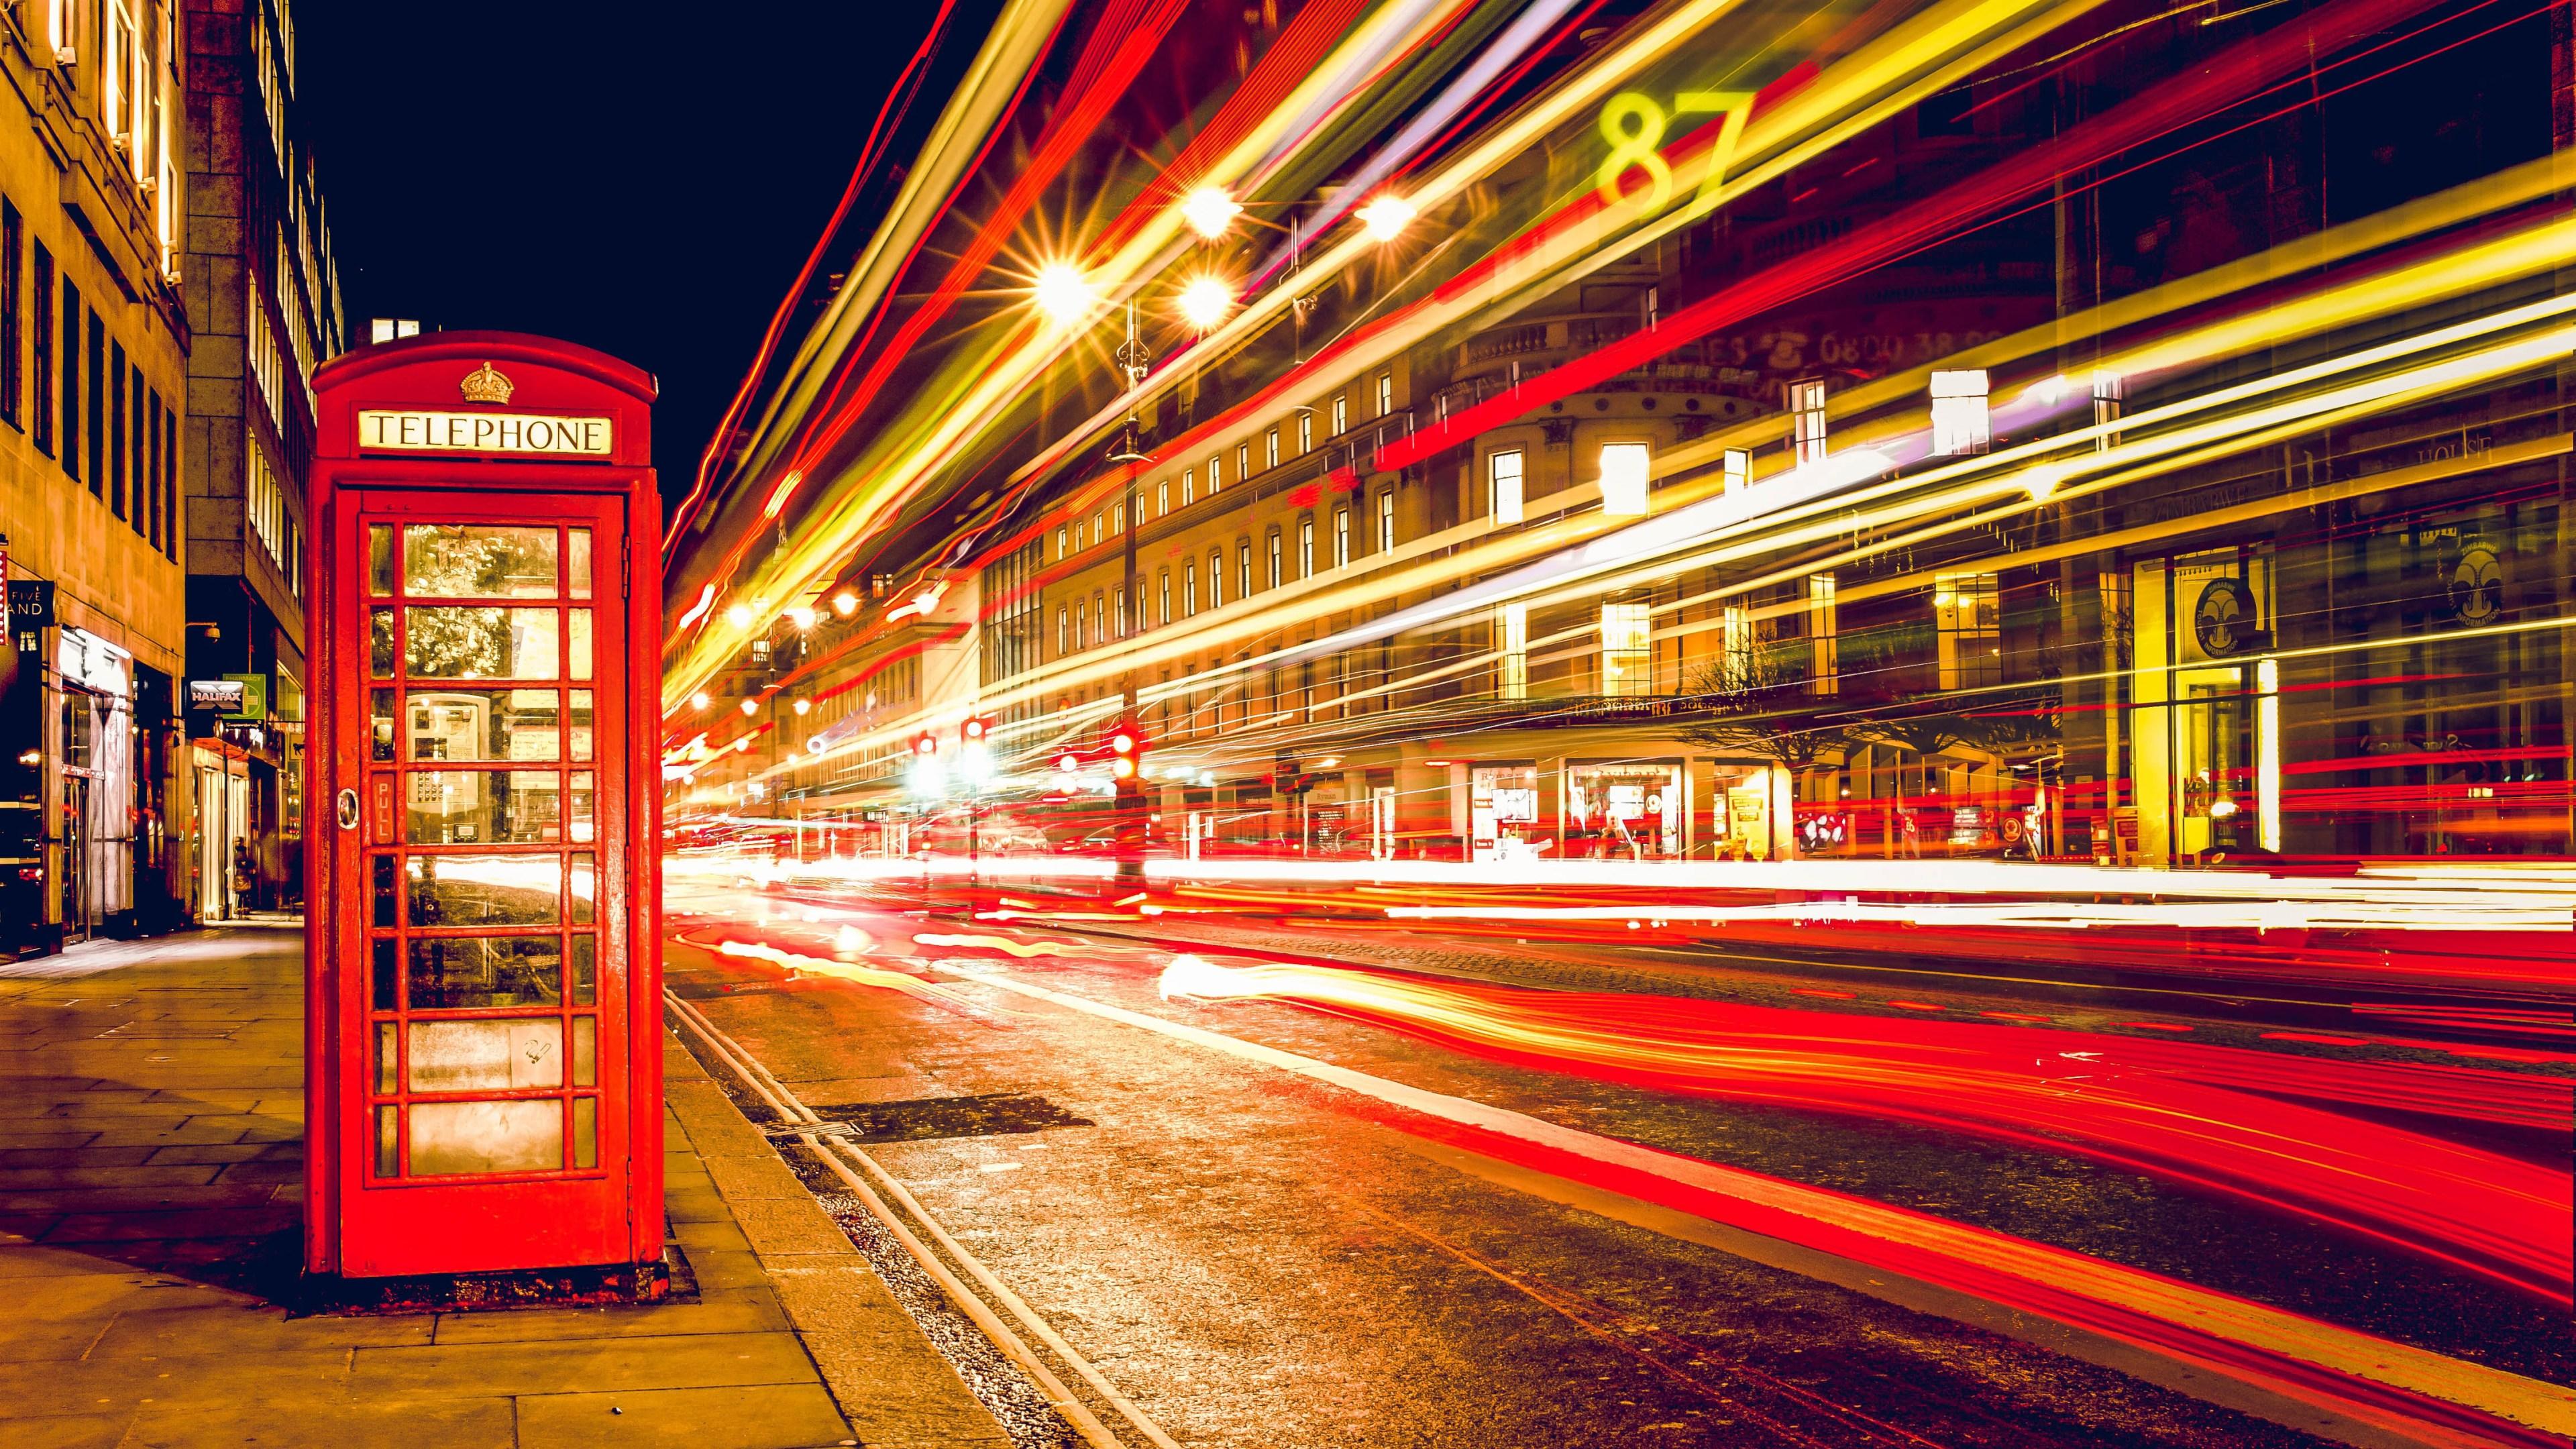 London - (m)eine neue Liebe: und dabei nur ein kleiner Teil im Rausch der Ereignisse der letzten Wochen